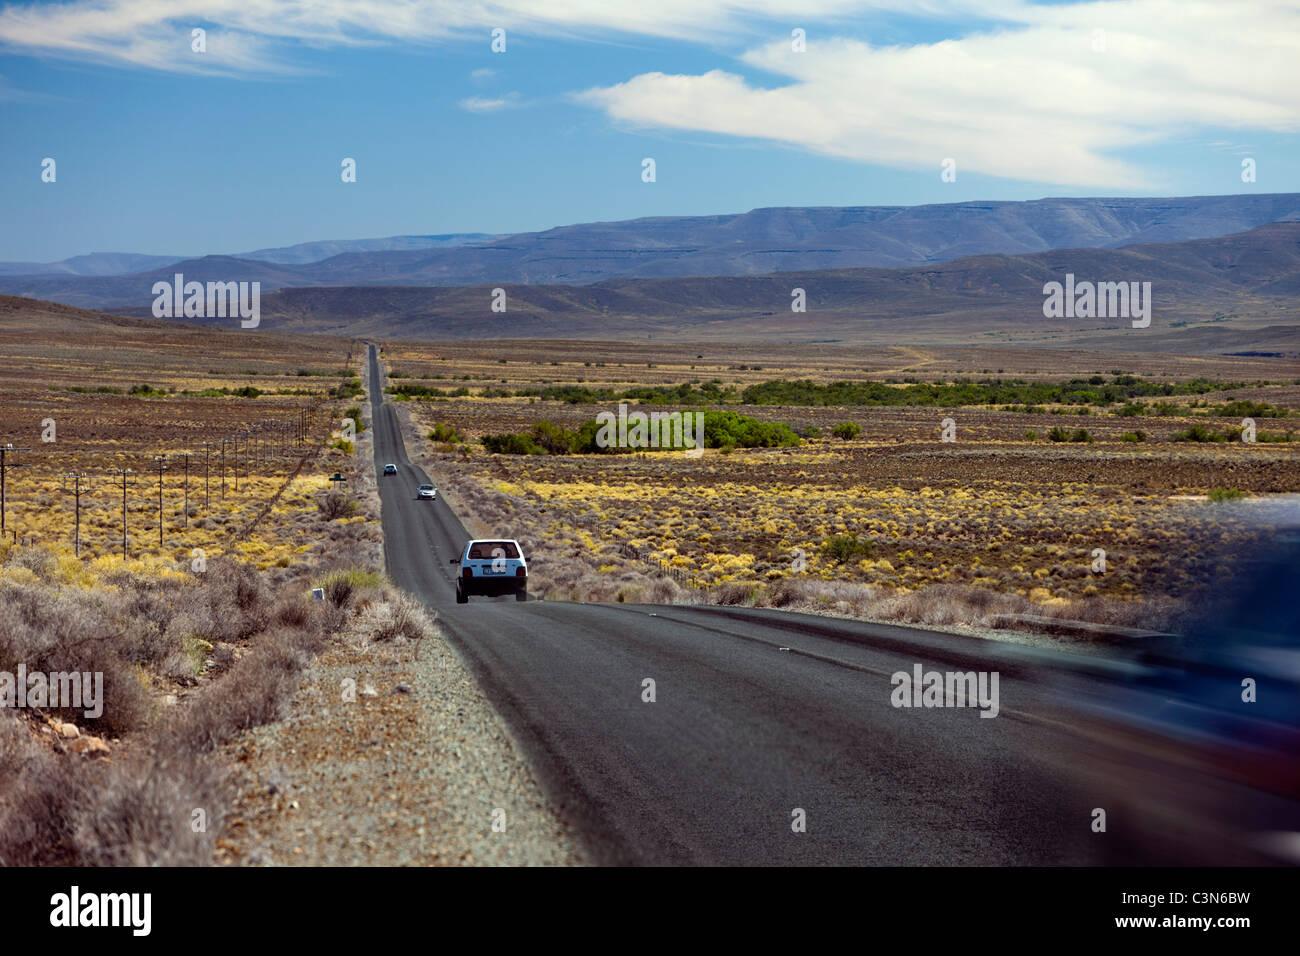 Südafrika, Nordkap, Sutherland, Straße von Matjiesfontein. Stockbild